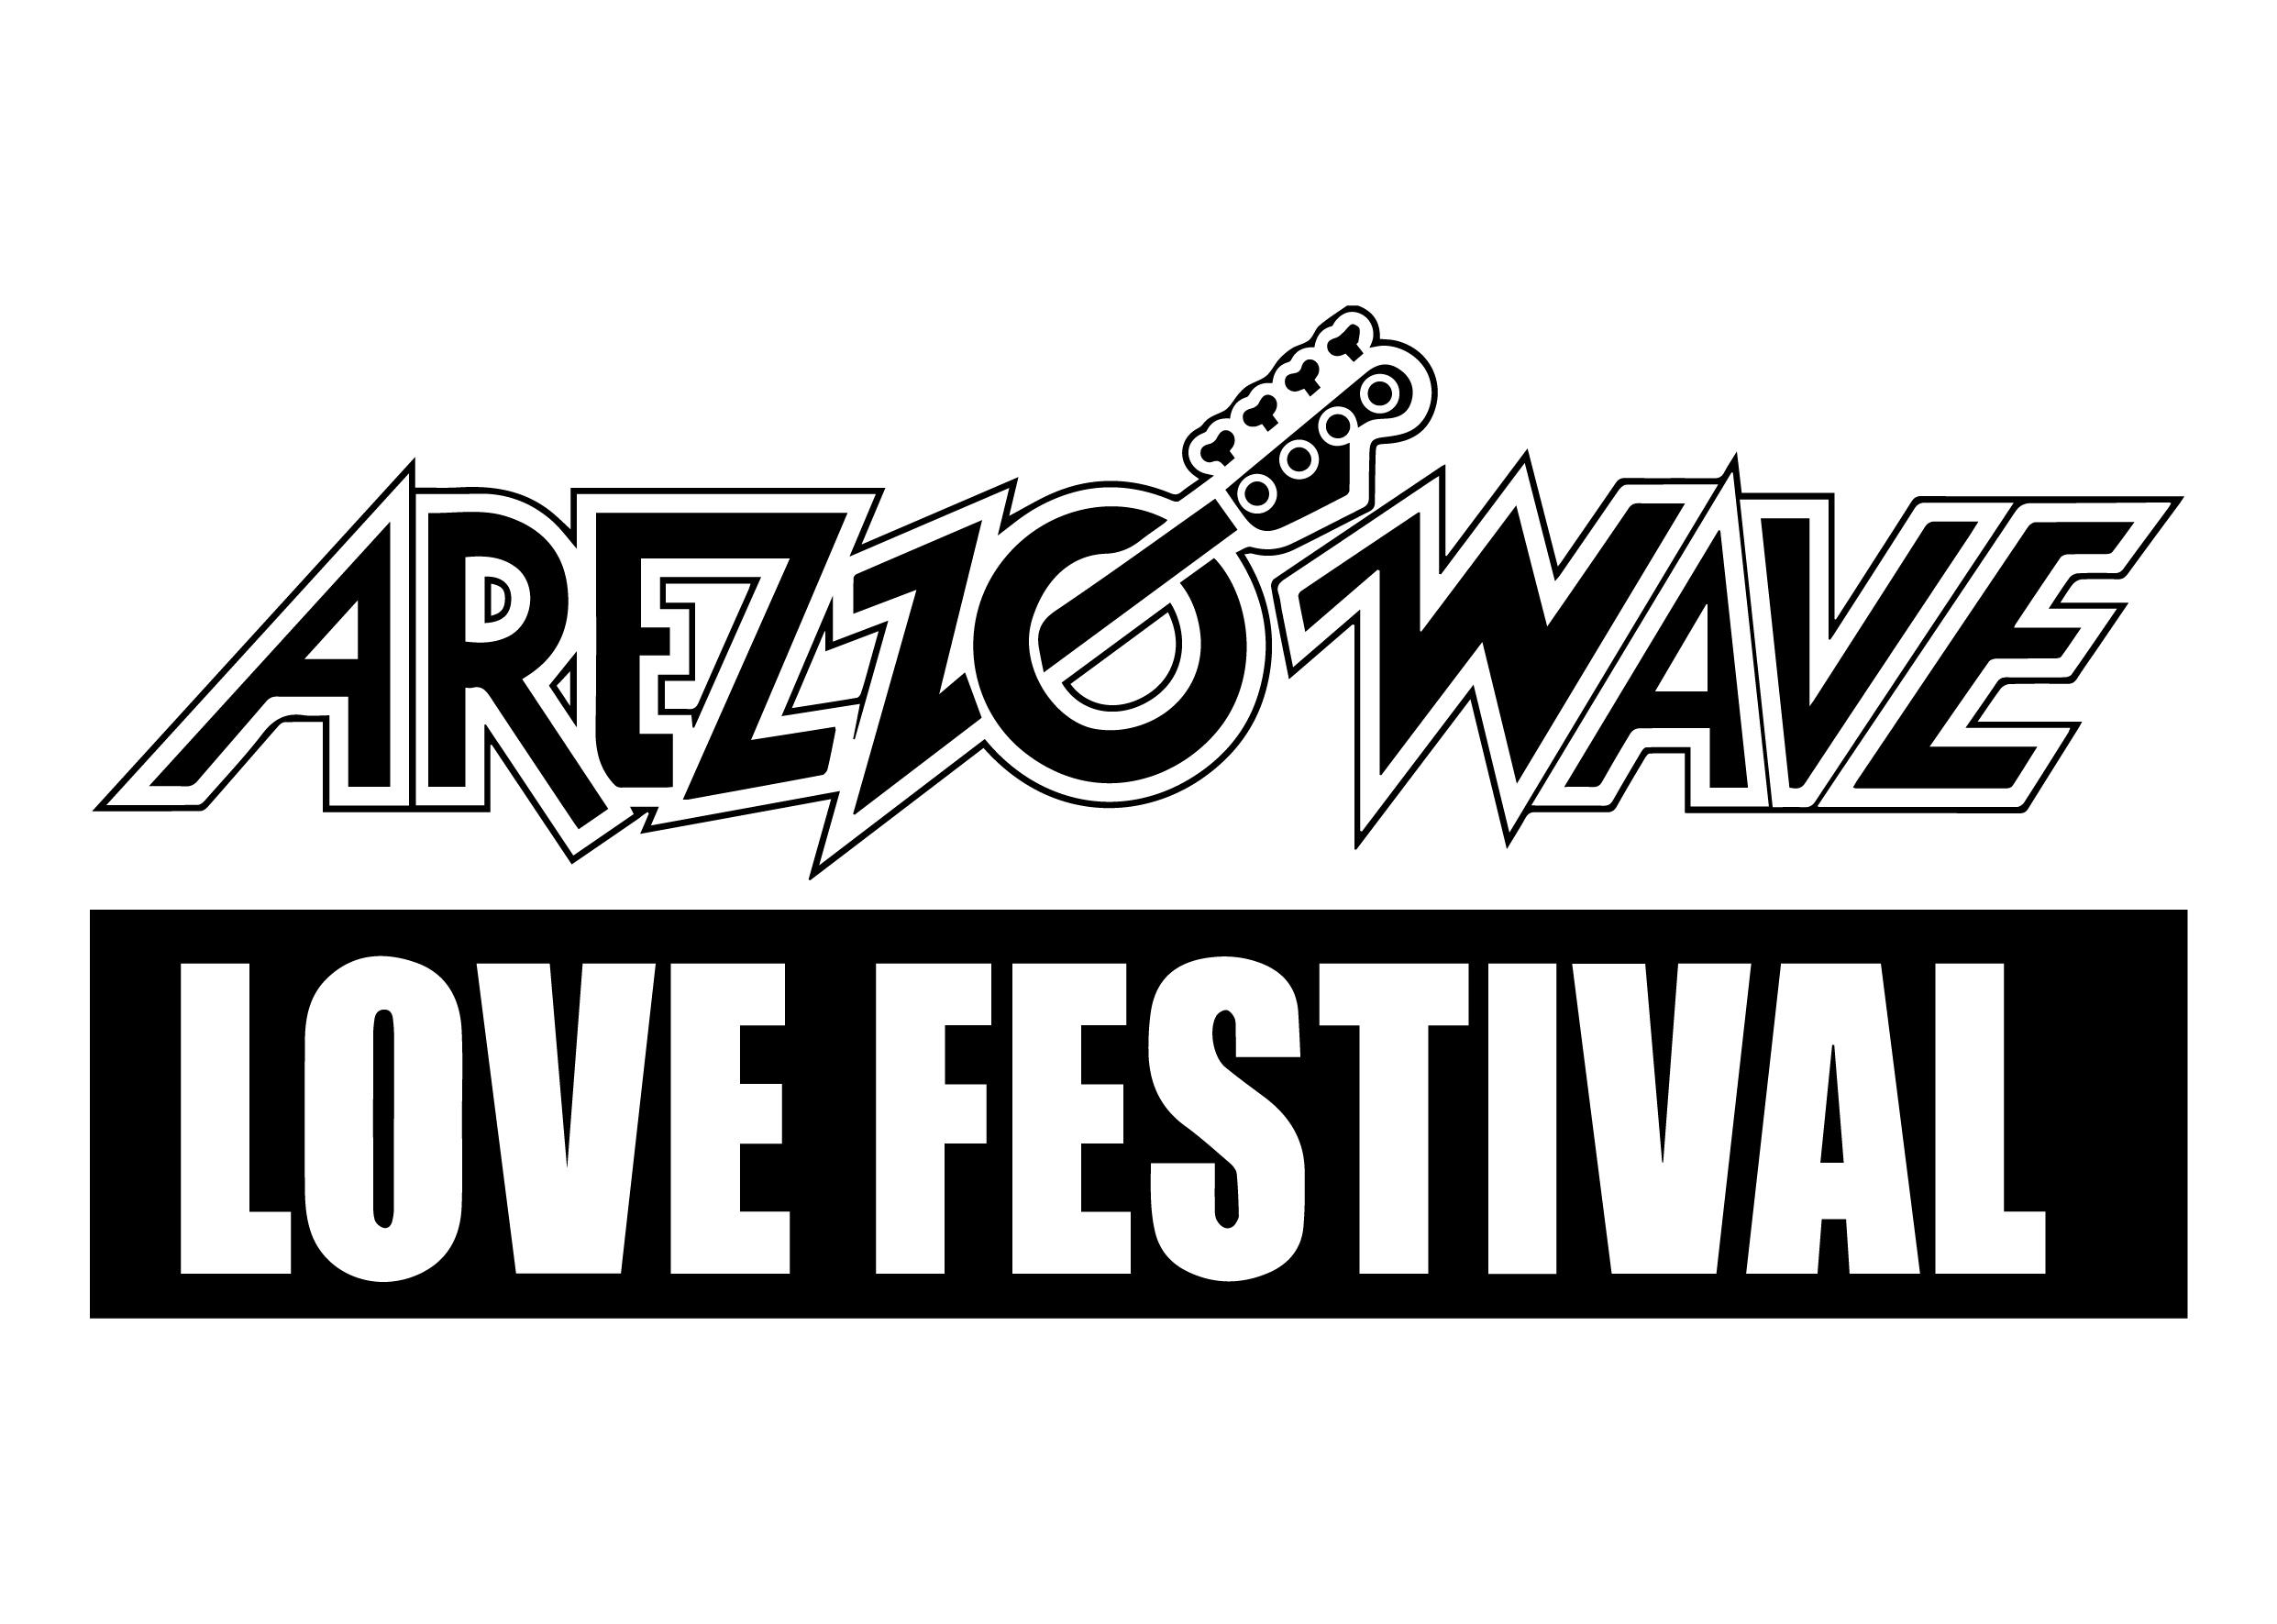 Arezzo wave love festival - Sponsor - Reload Soundfestival